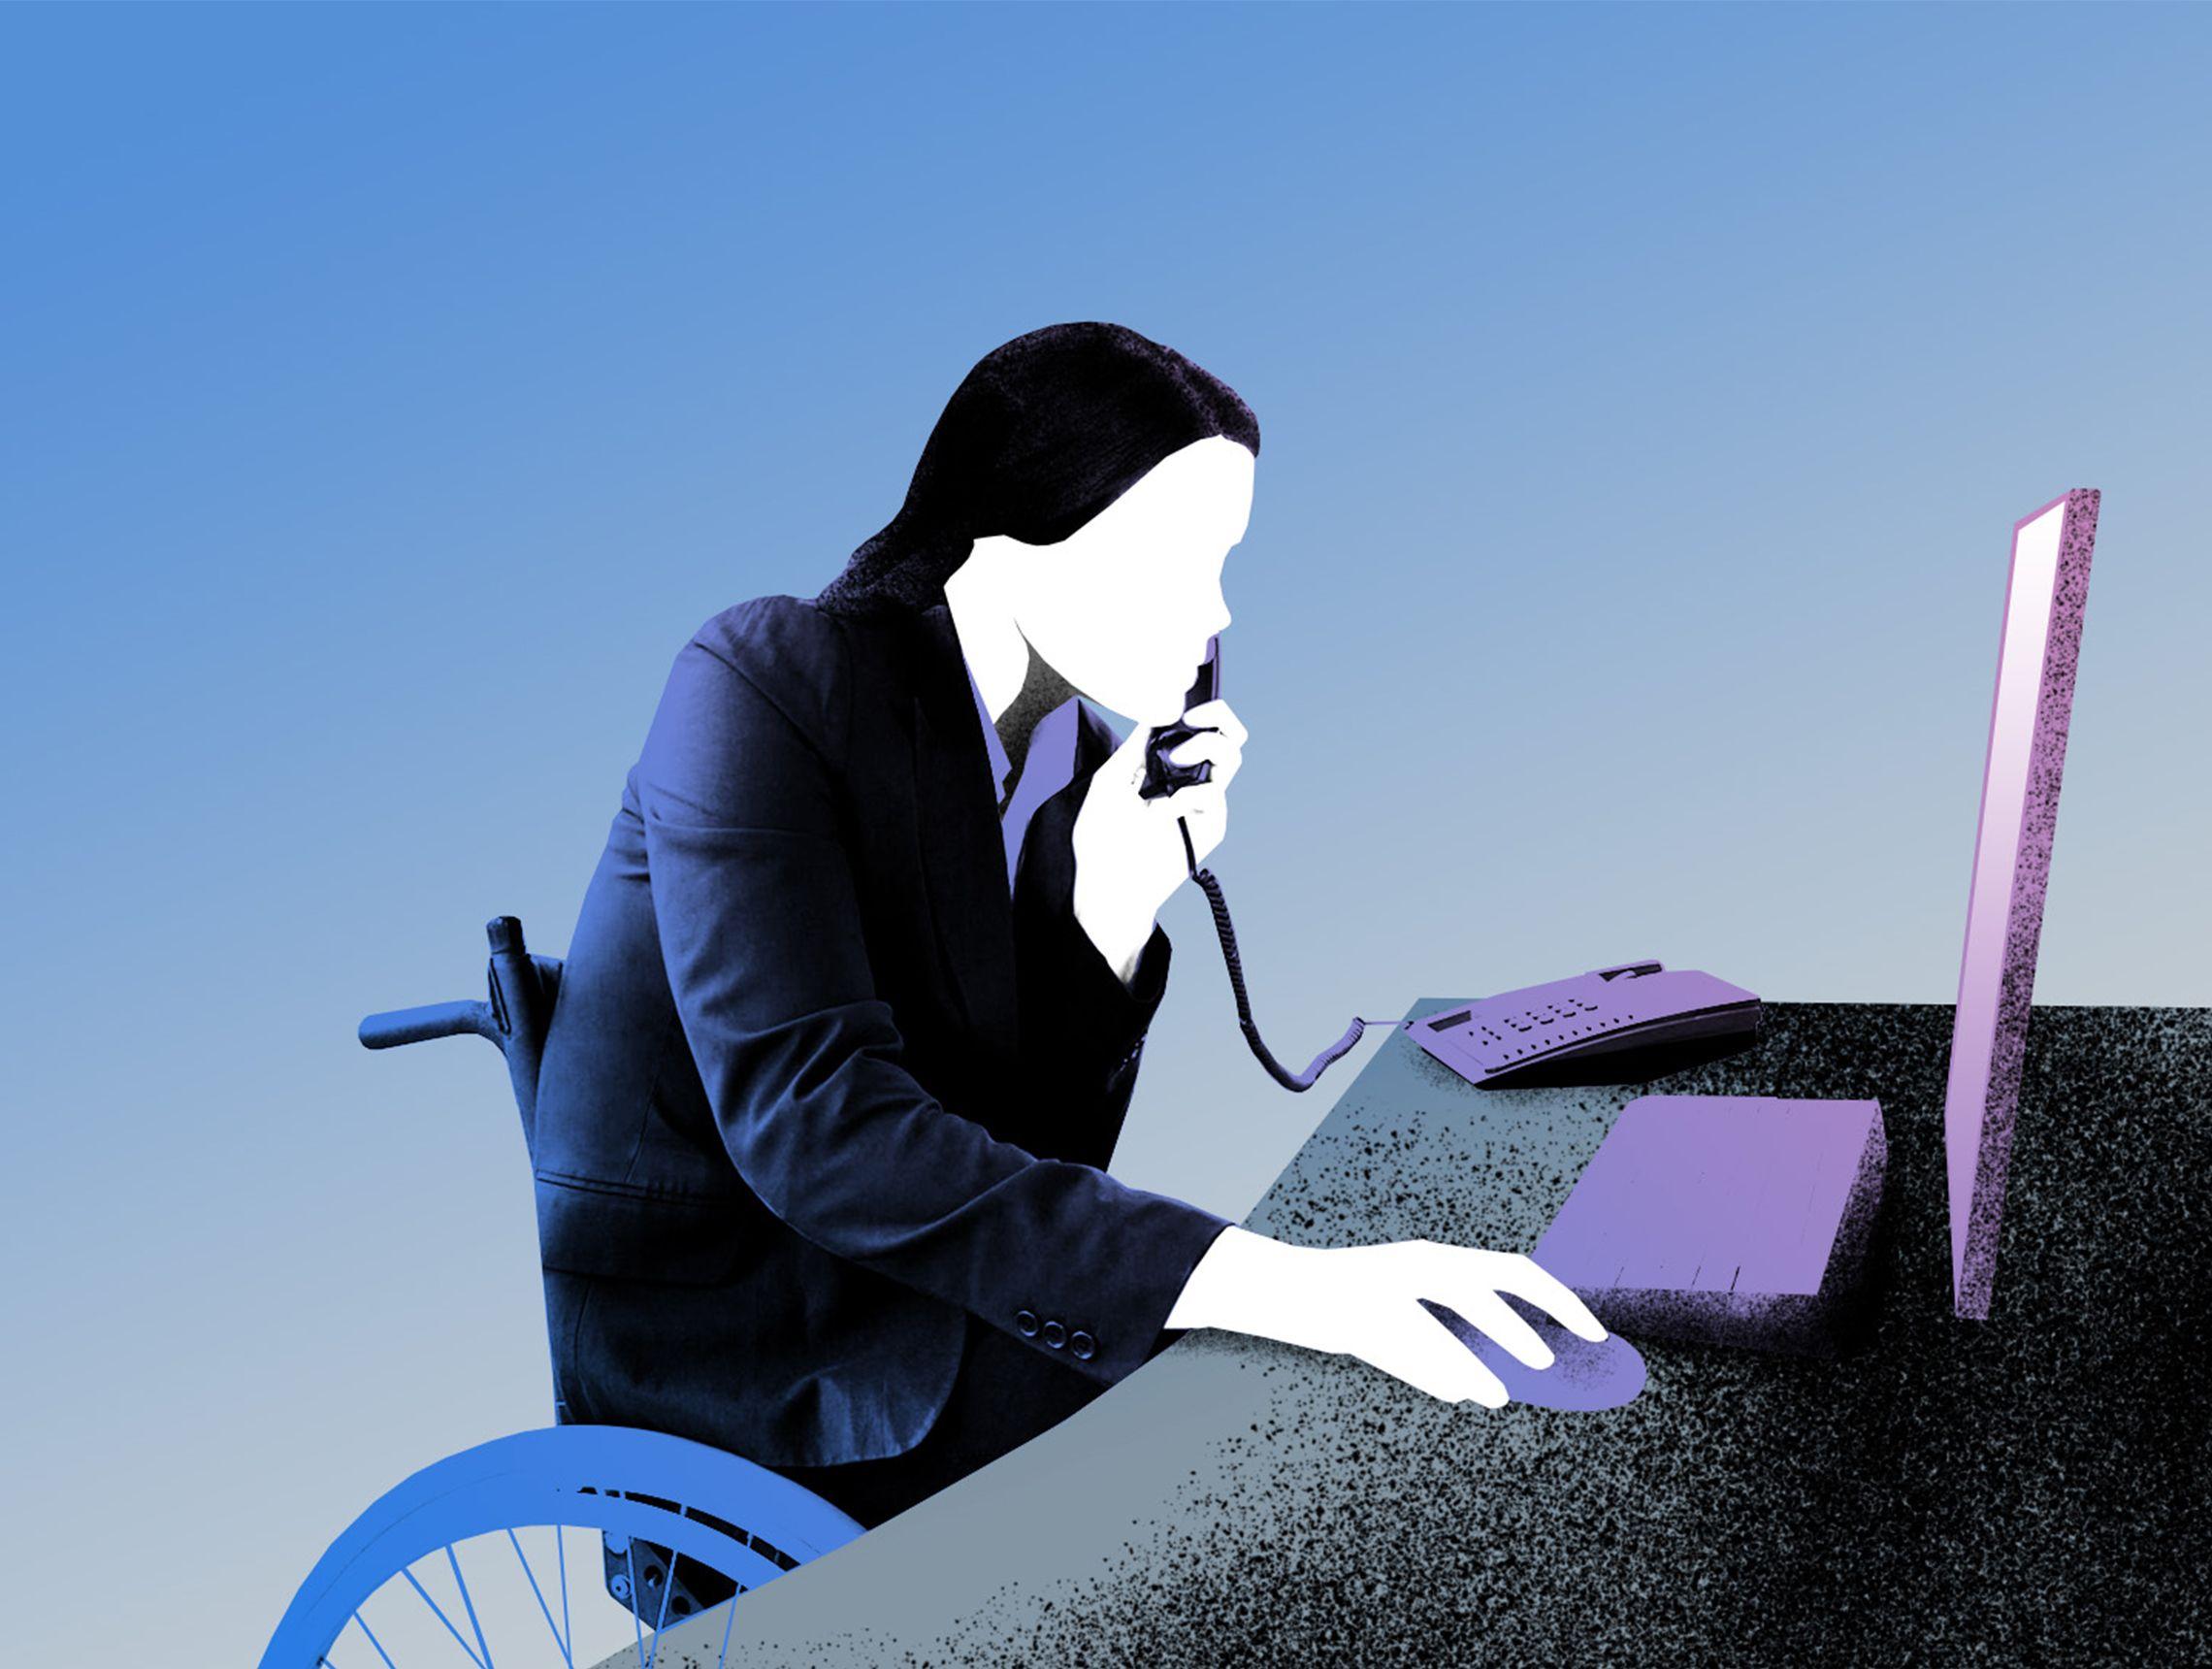 Frau im Rollstuhl sitzt am Schreibtisch und telefoniert mit Blick auf Computerbildschirm PWWL Illustration